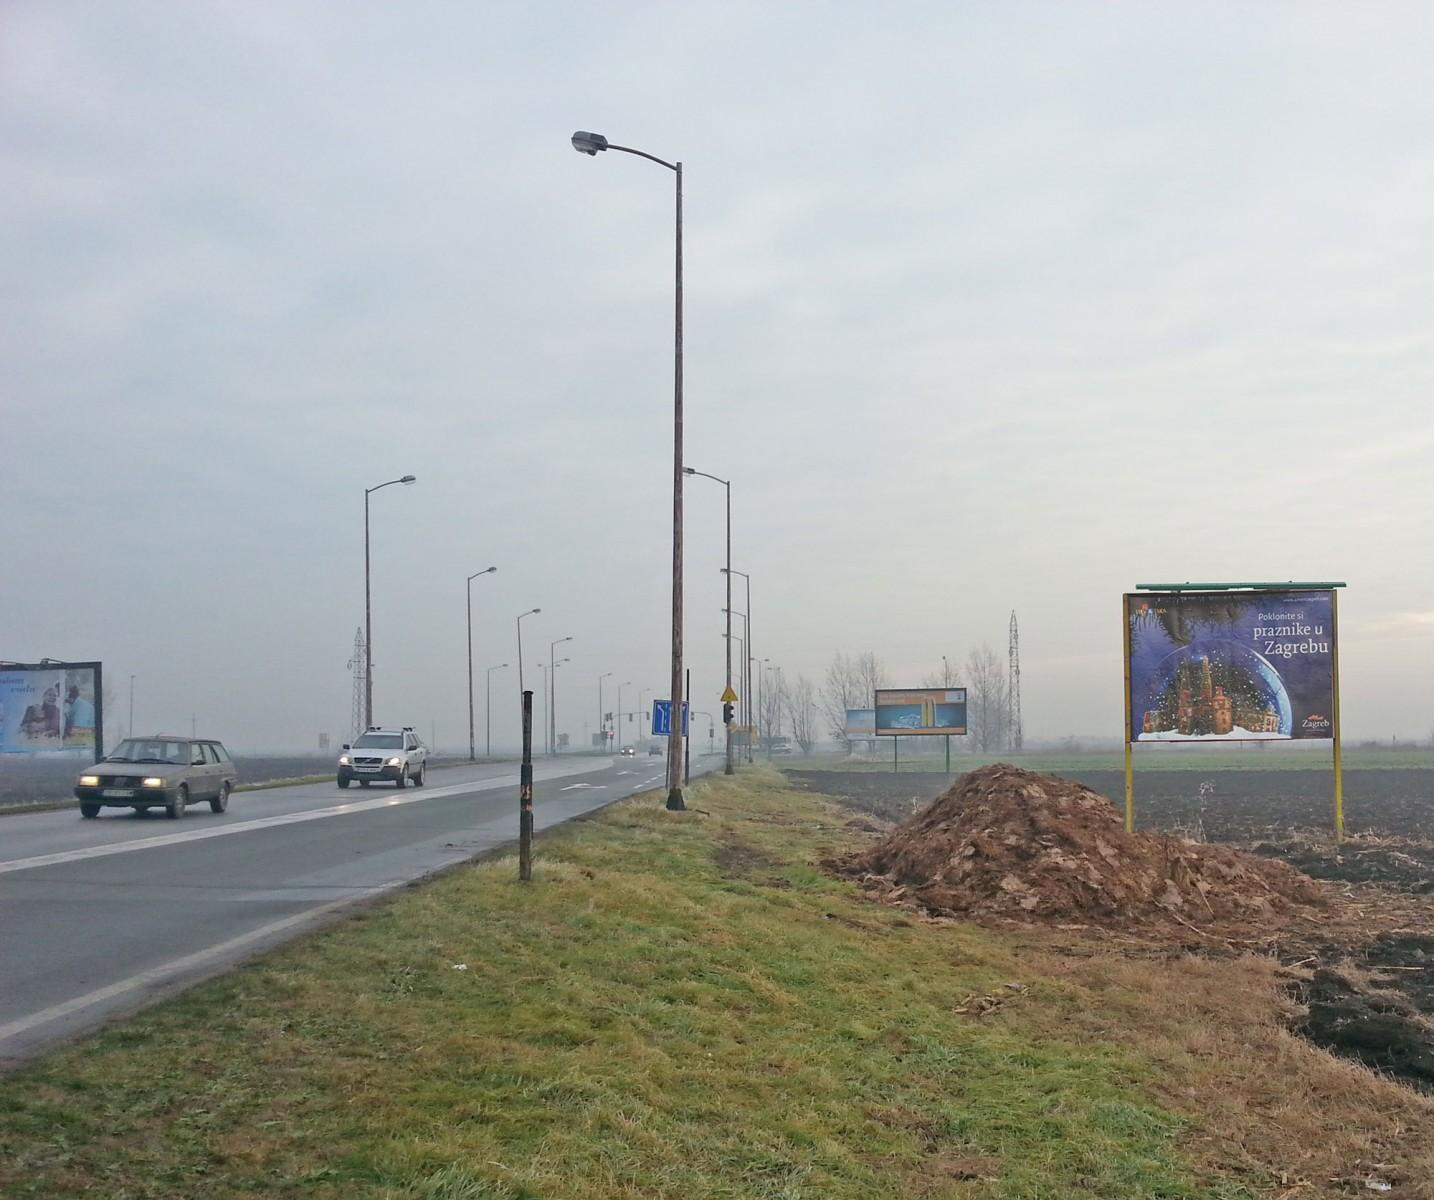 Bilbord Novi Sad NS-51